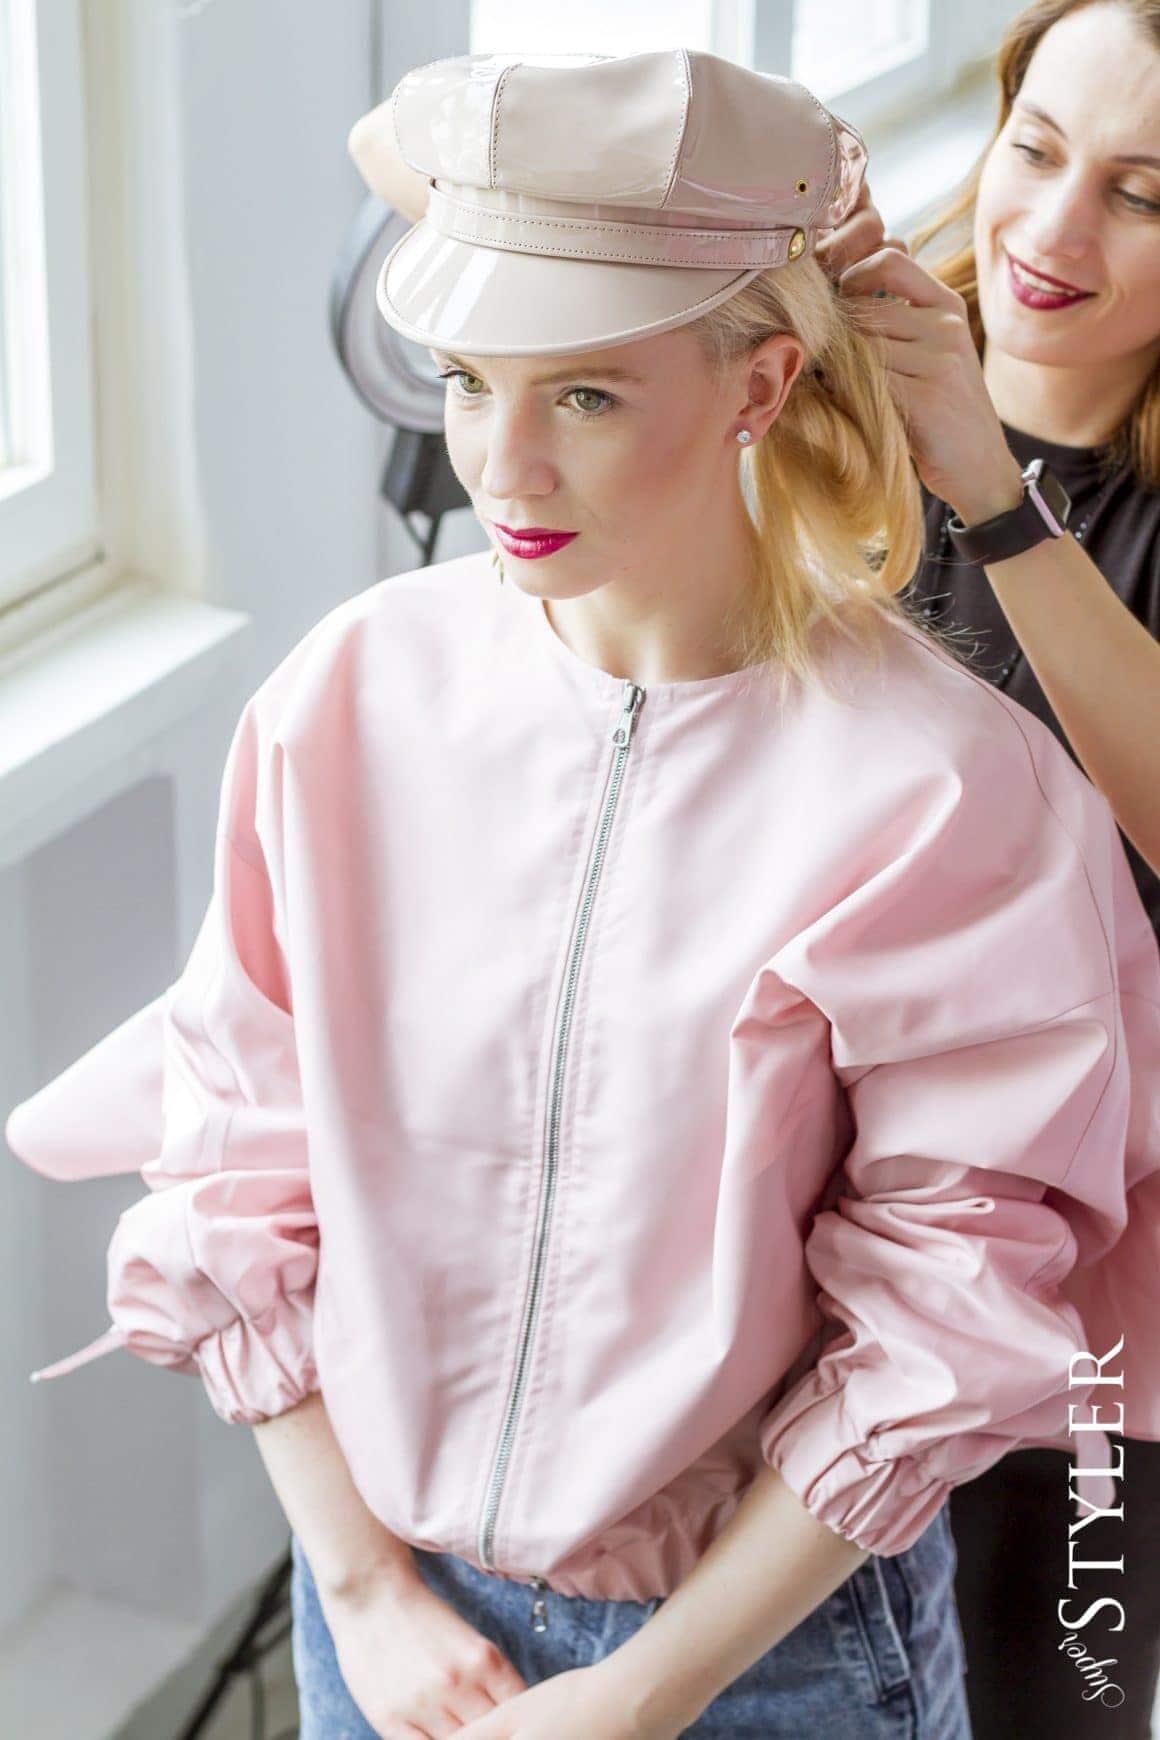 Estee Lauder Pure Color Envy-jak pokochać siebie